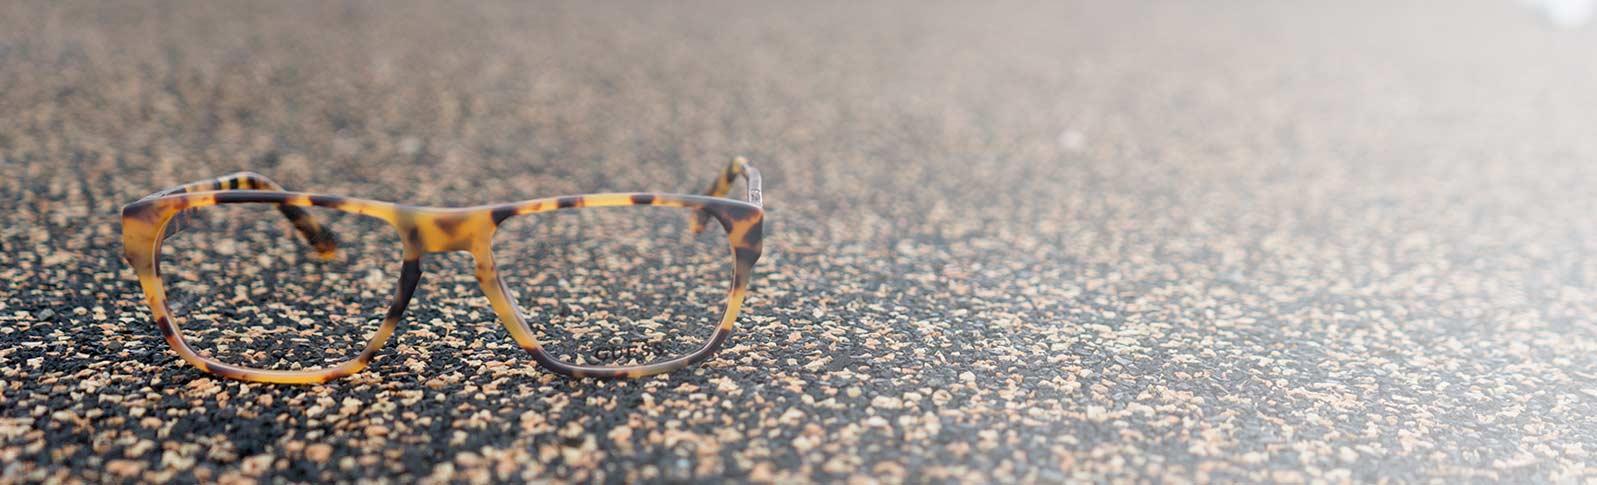 guess glasses on asphalt